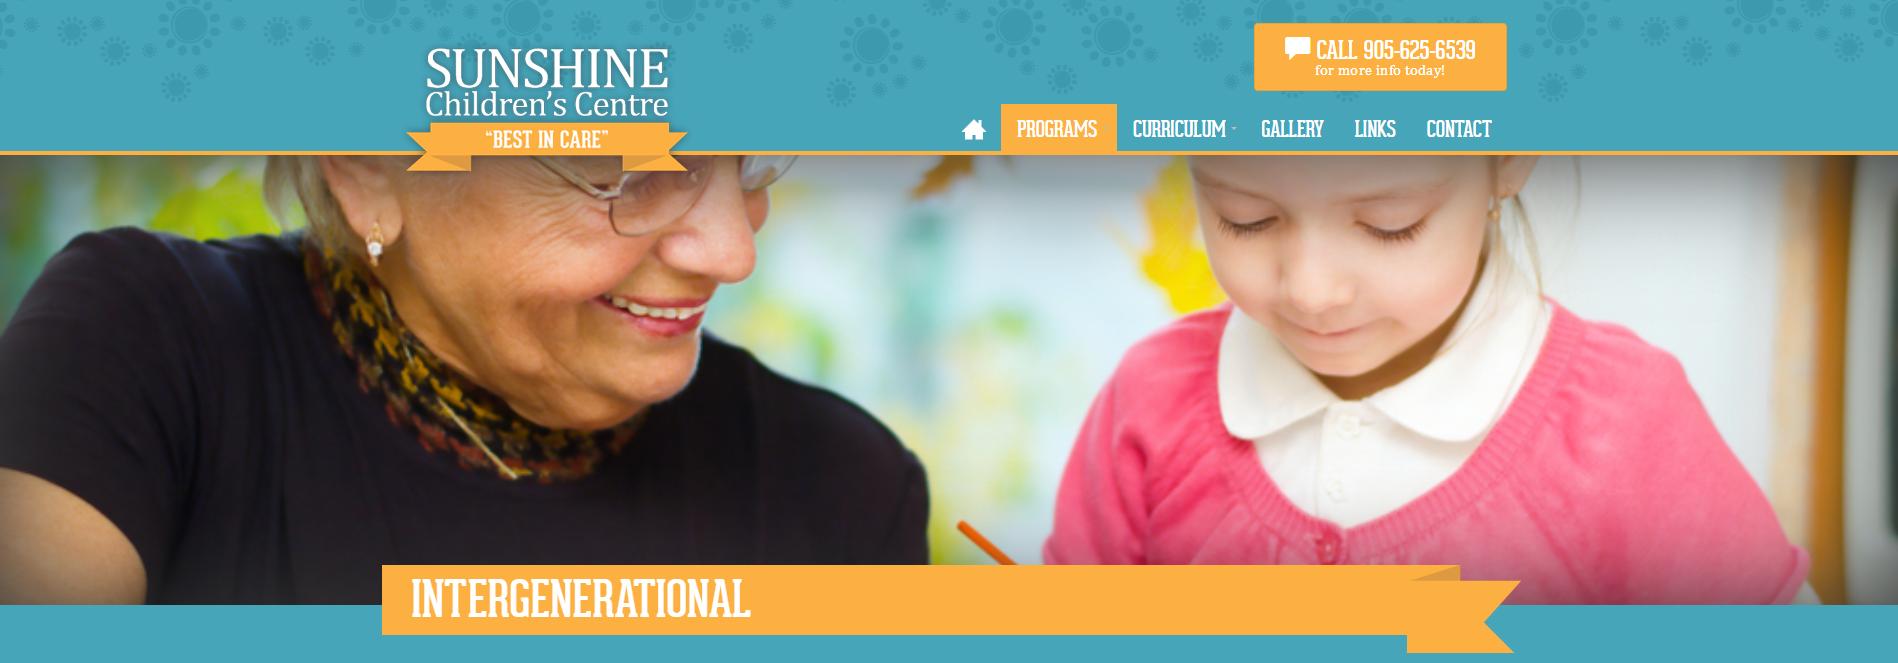 Oficjalna strona kanadyjskiej szkoły, w której łączy się przedszkole i dom seniora